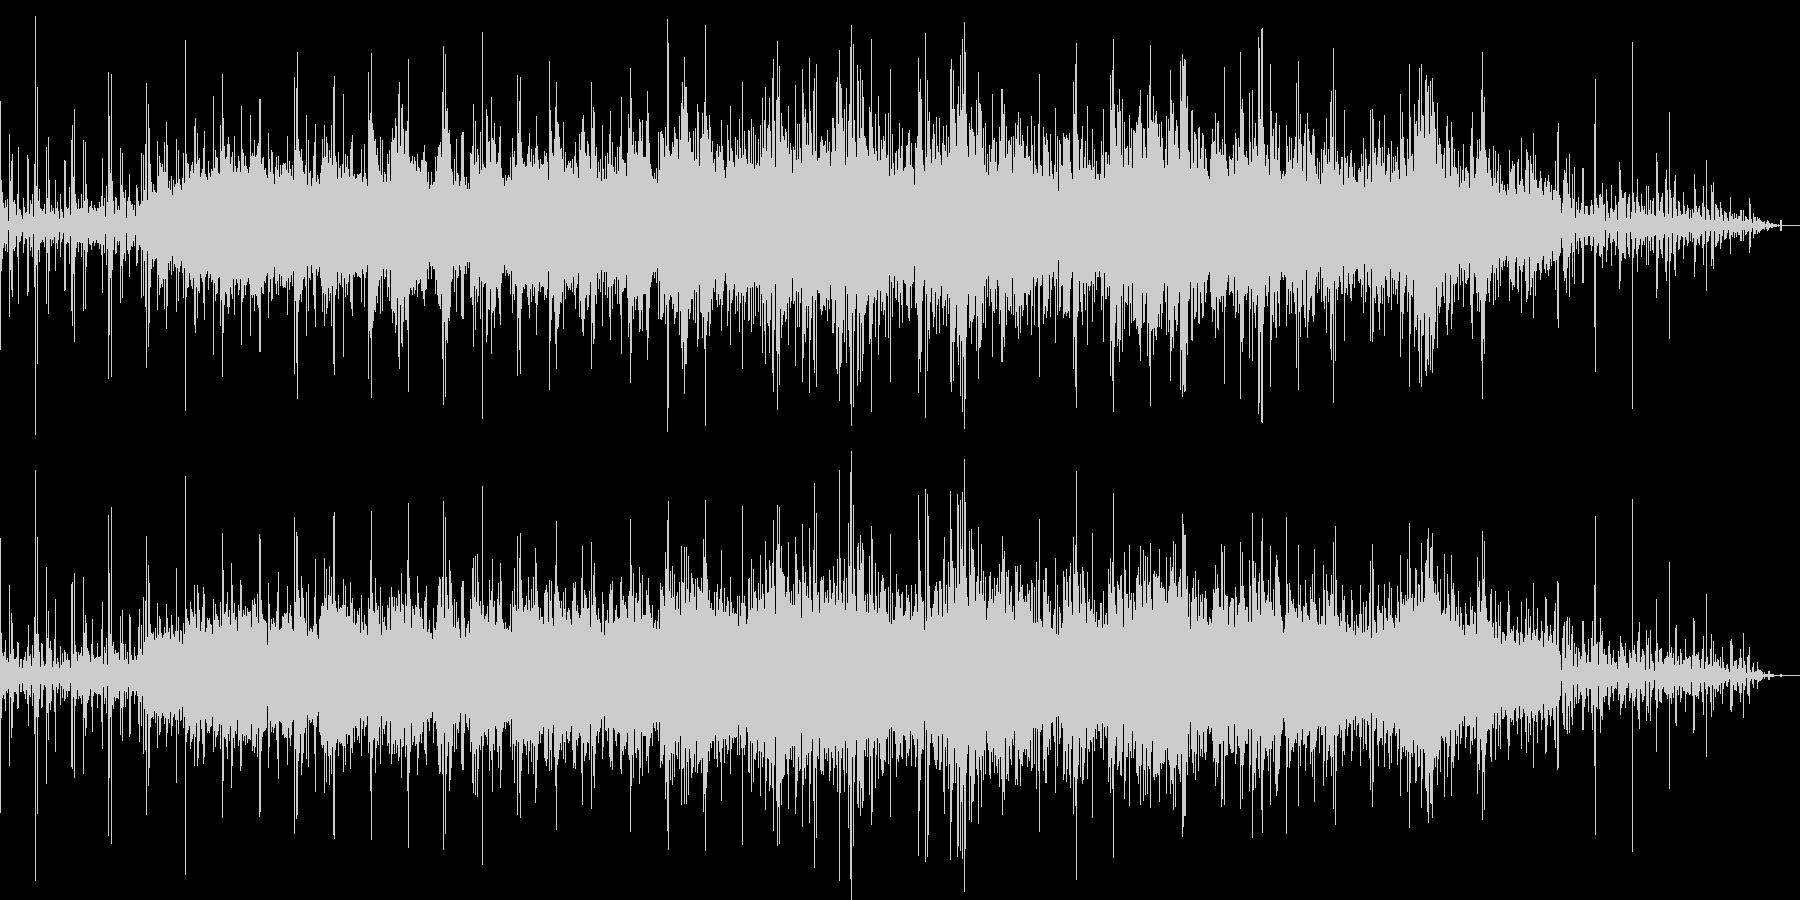 幸せな雰囲気漂うBGMの未再生の波形